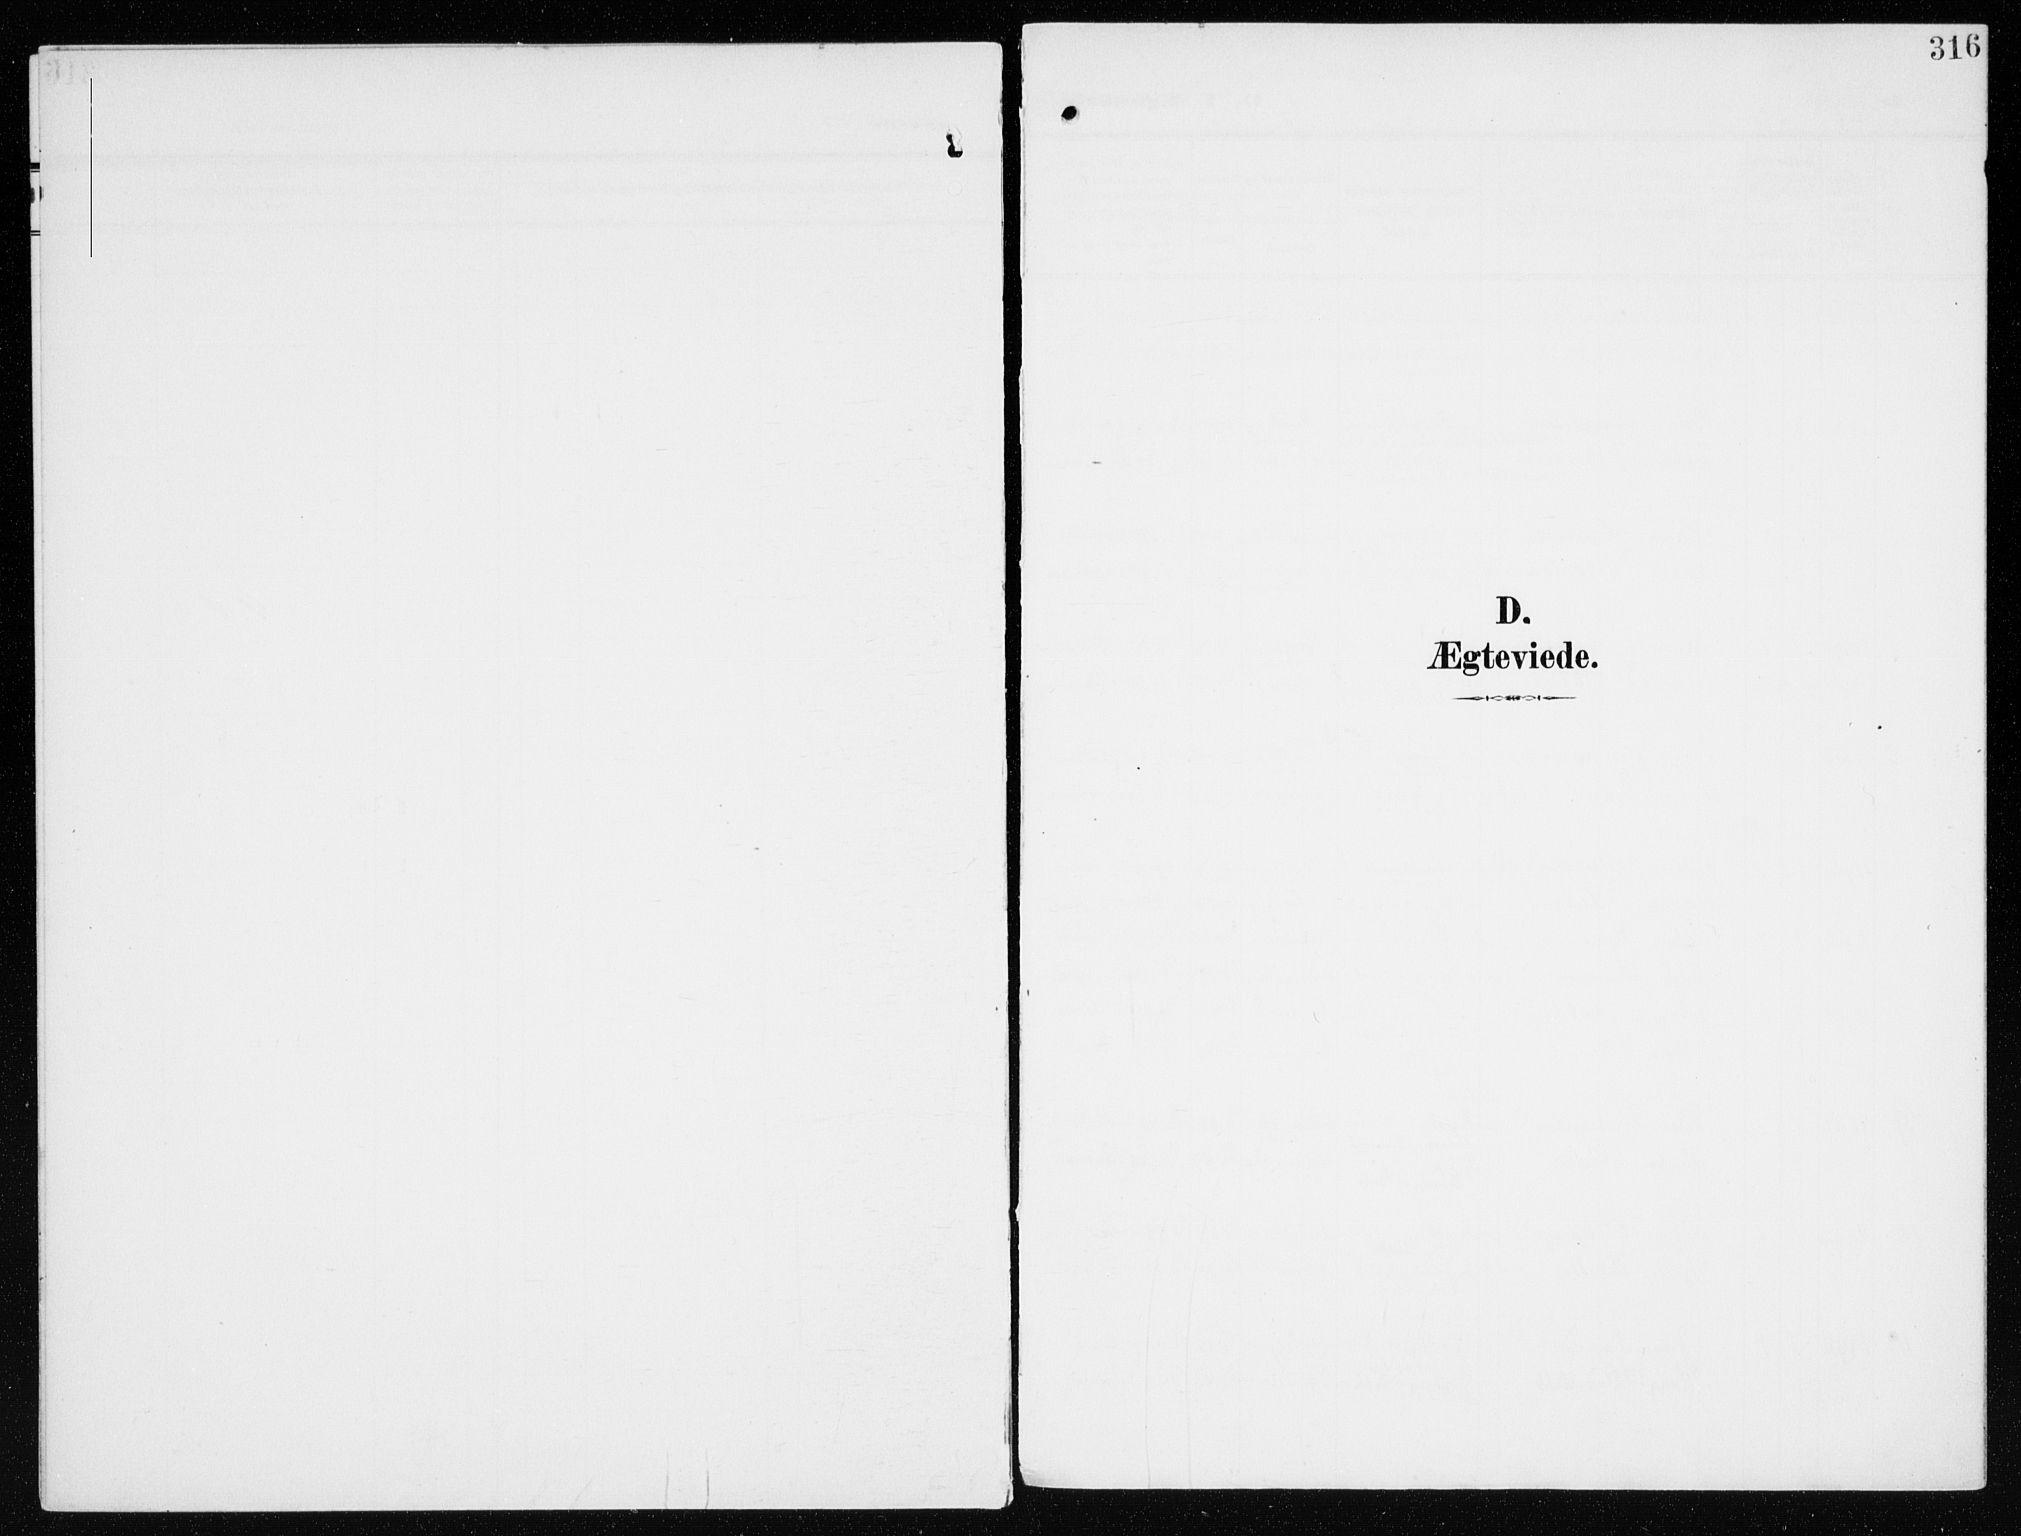 SAH, Furnes sokneprestkontor, K/Ka/L0001: Ministerialbok nr. 1, 1907-1935, s. 316